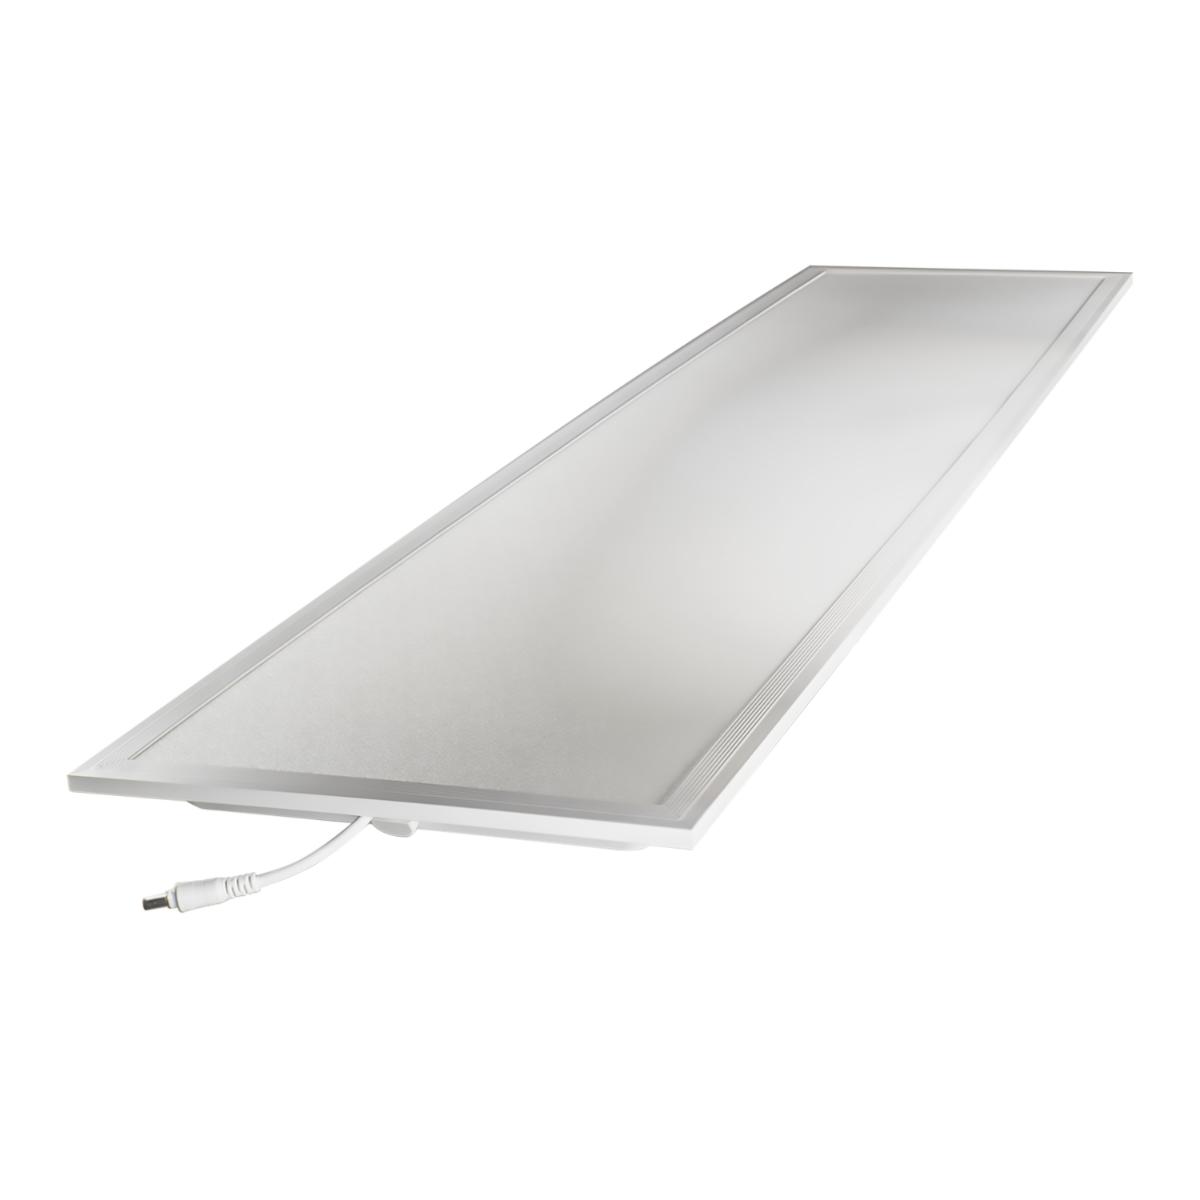 Noxion LED Panel Econox 32W 30x120cm 4000K 4400lm UGR <22   Kaltweiß - Ersatz für 2x36W